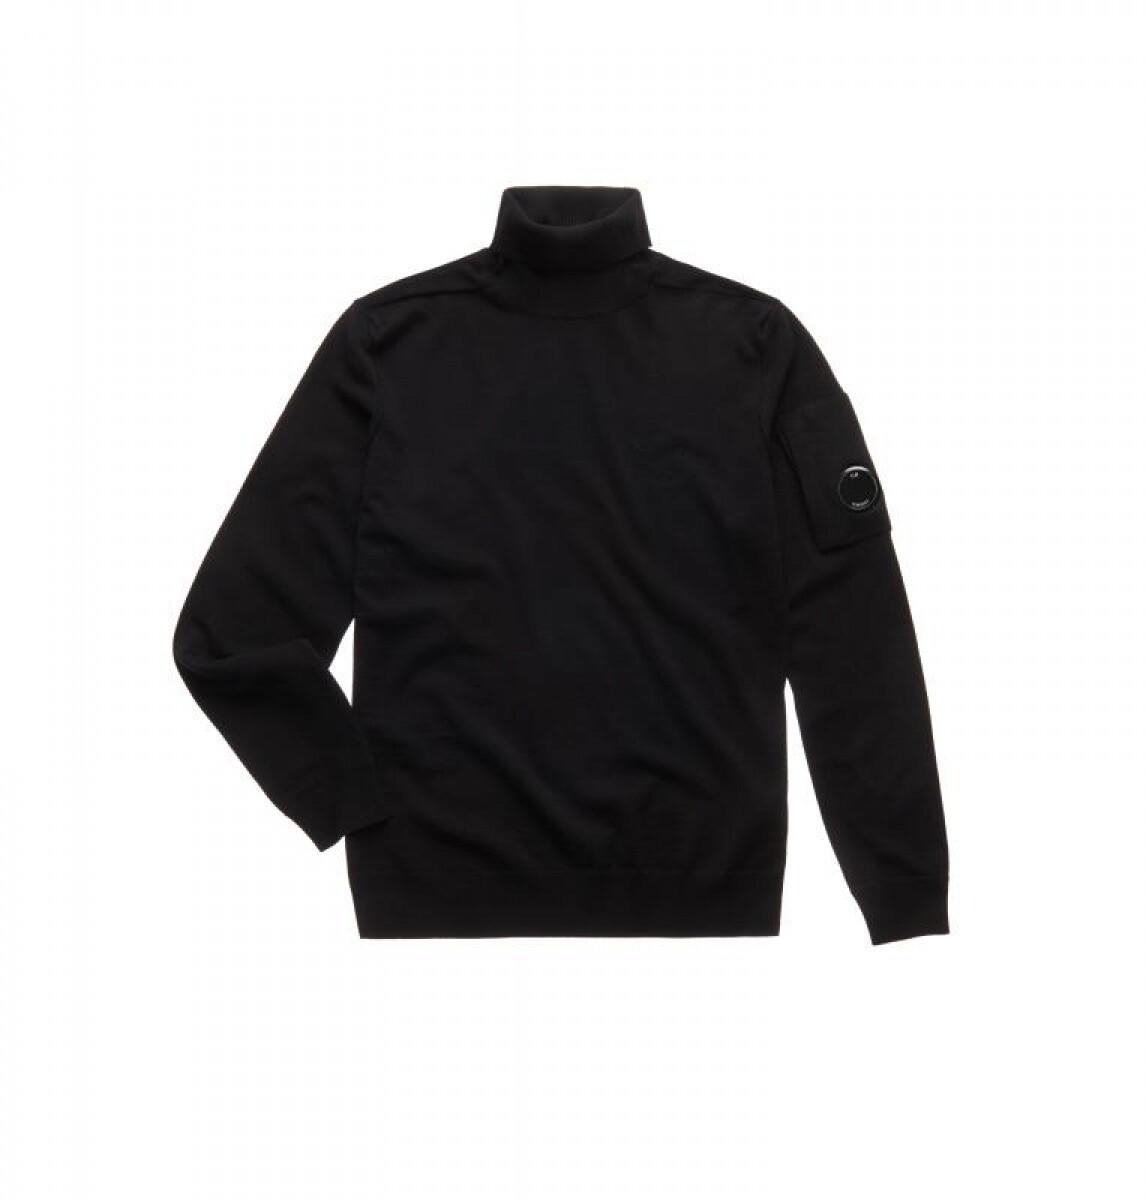 Cp Company   Pullover   09CMKN101A 005528A zwart